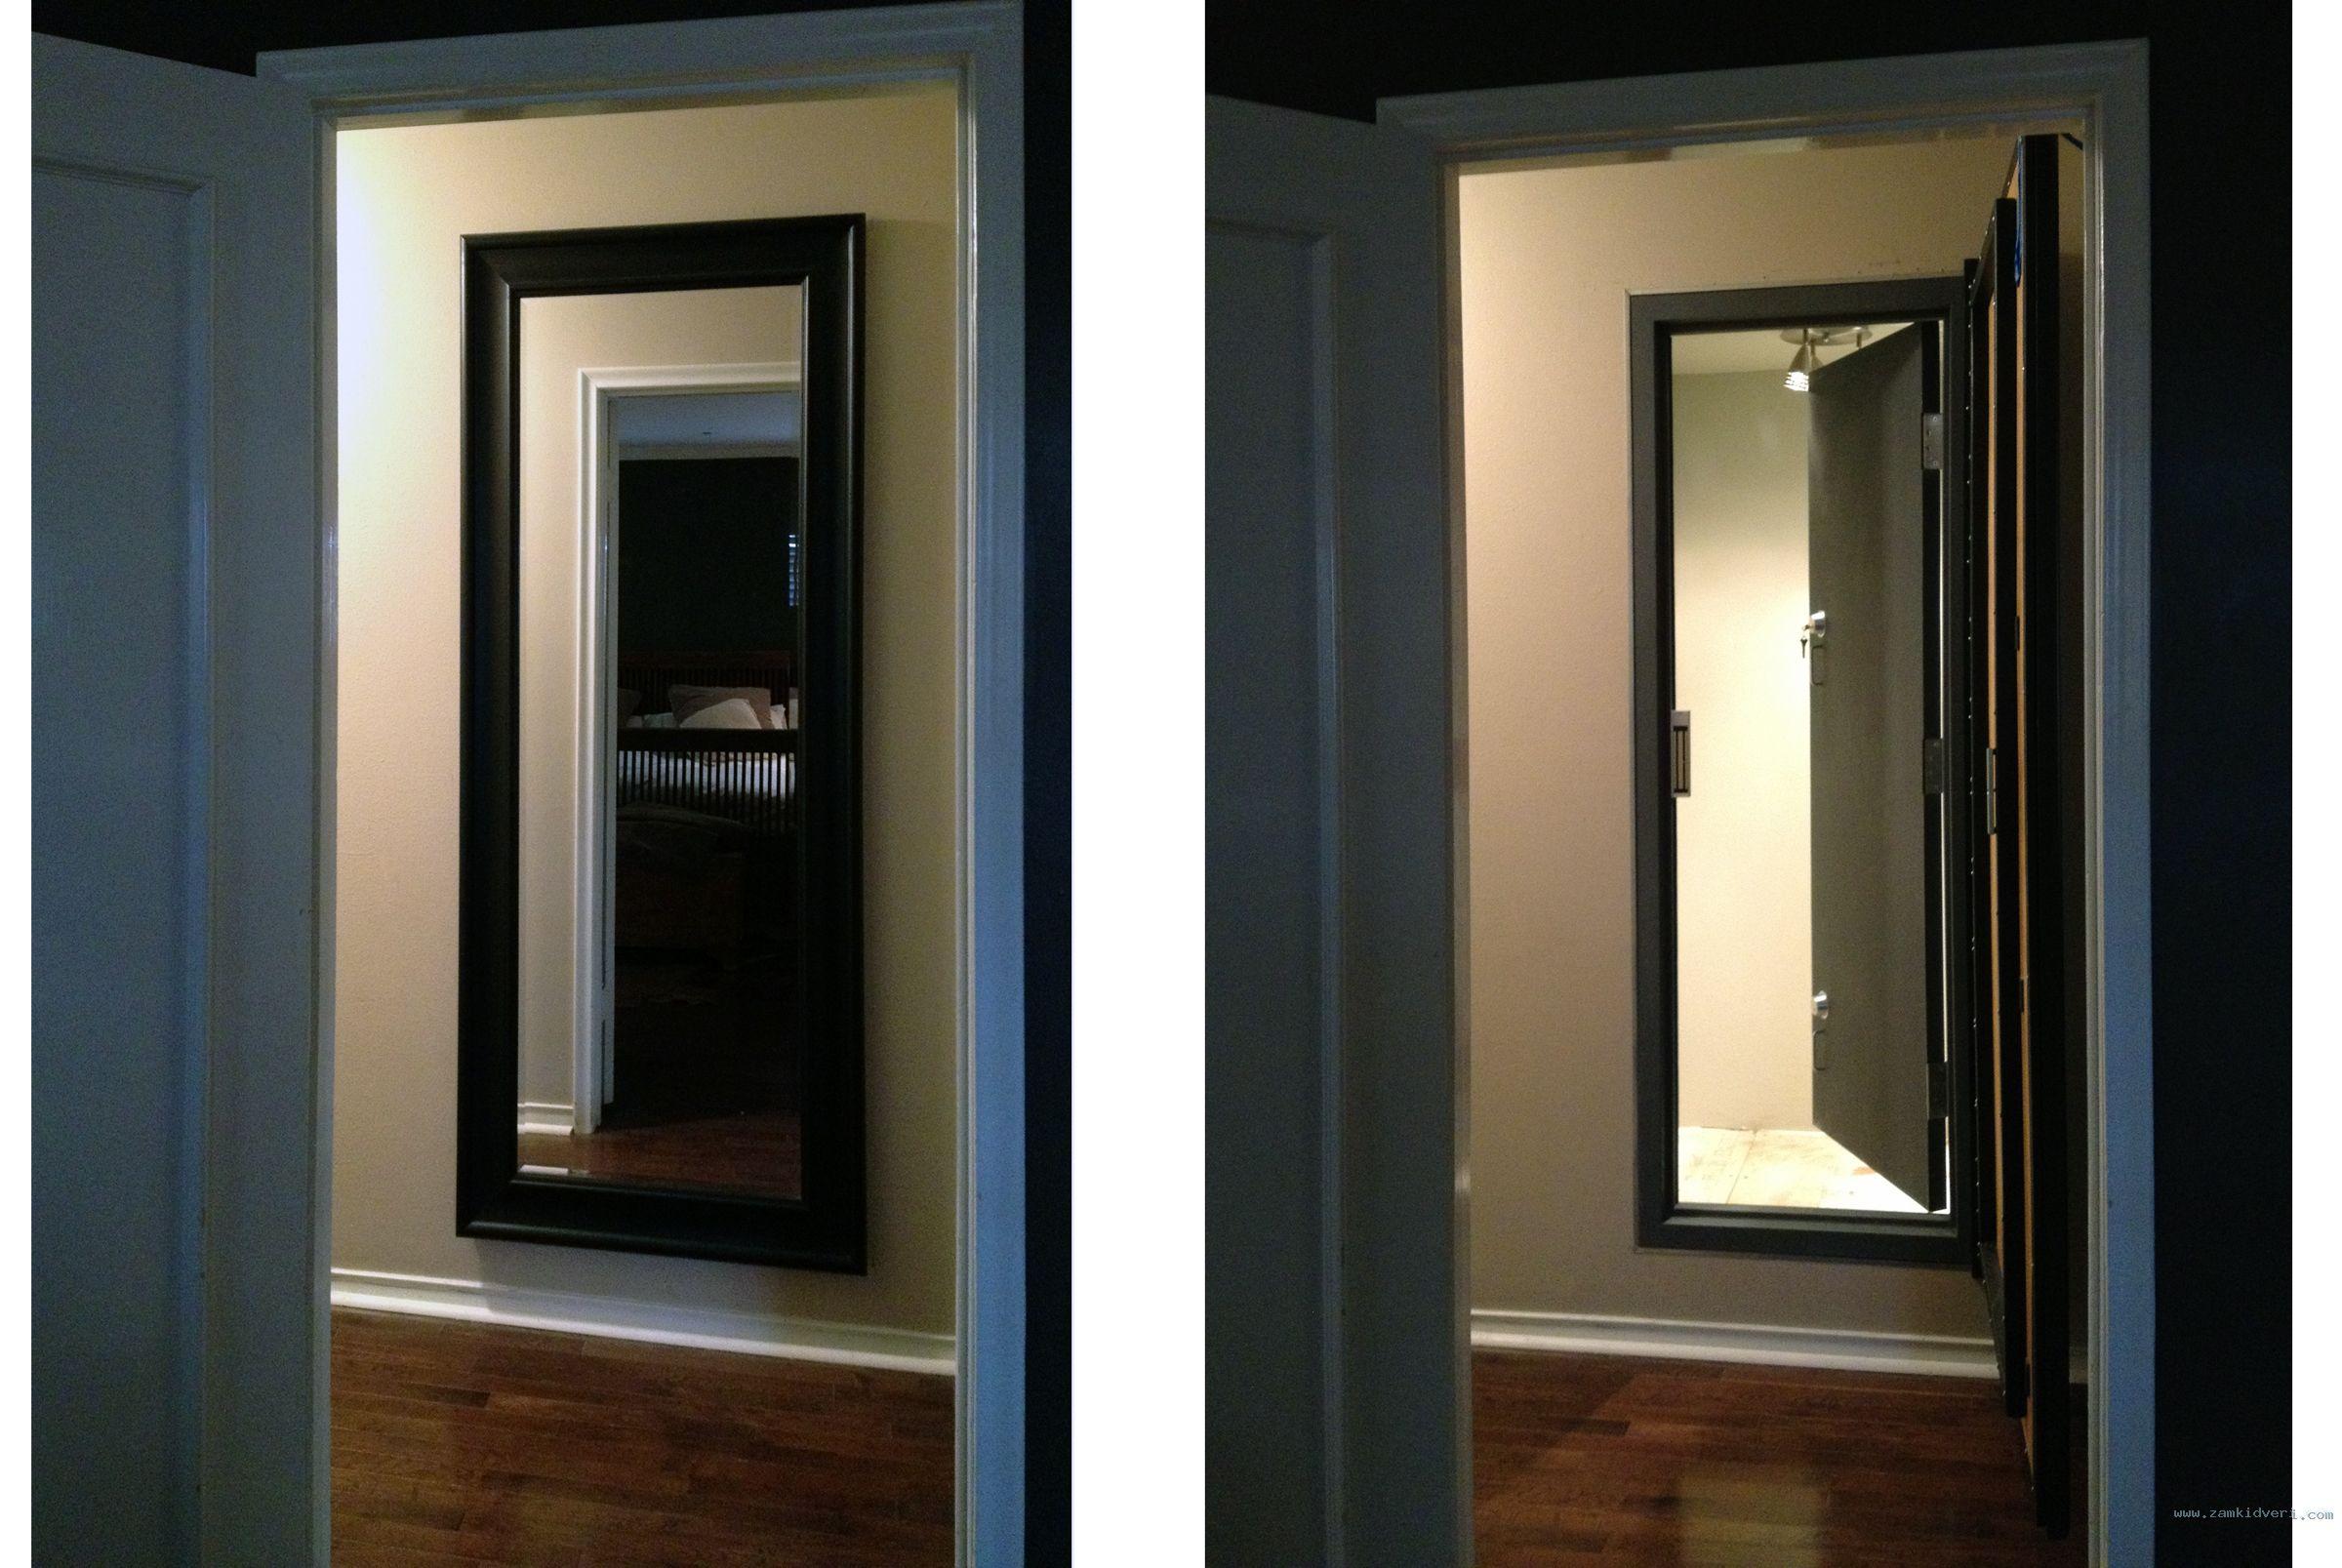 hidden safe room with door closed door open2